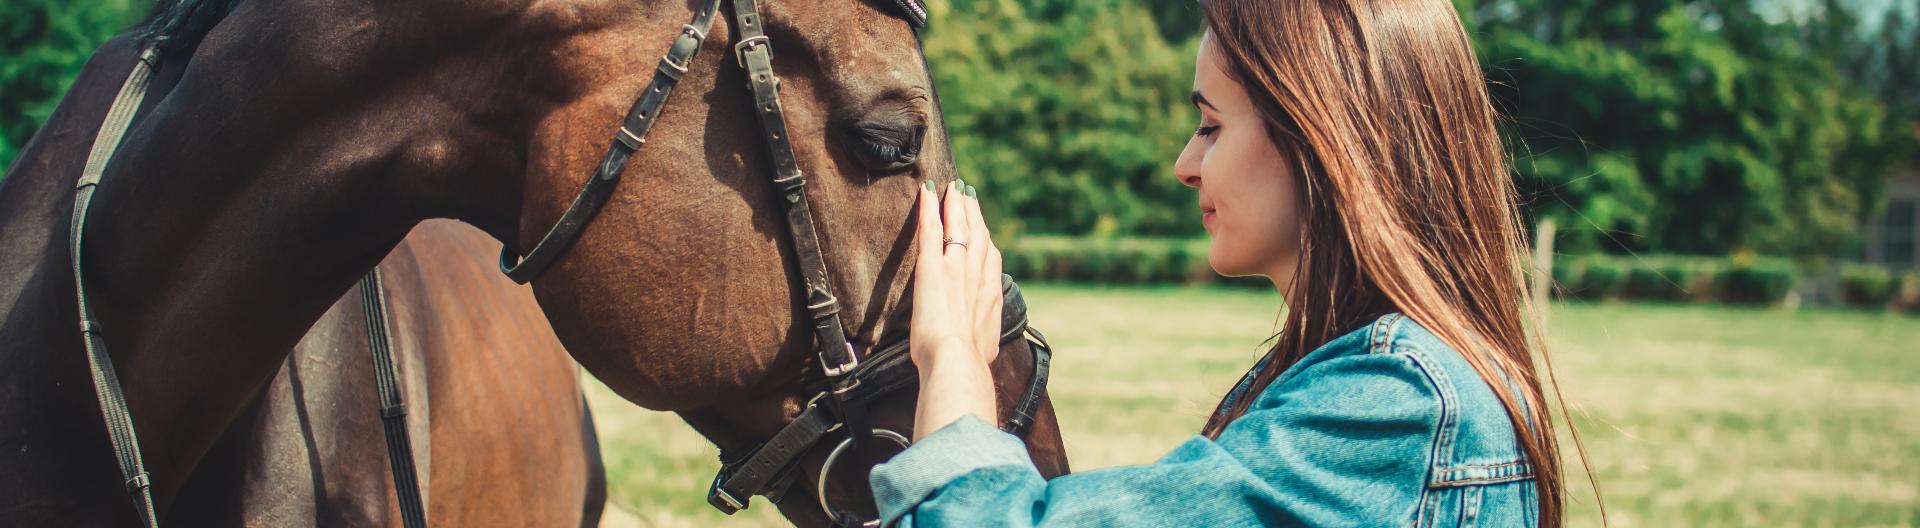 Eine junge Frau tätschelt die Schnute eines braunen Pferdes